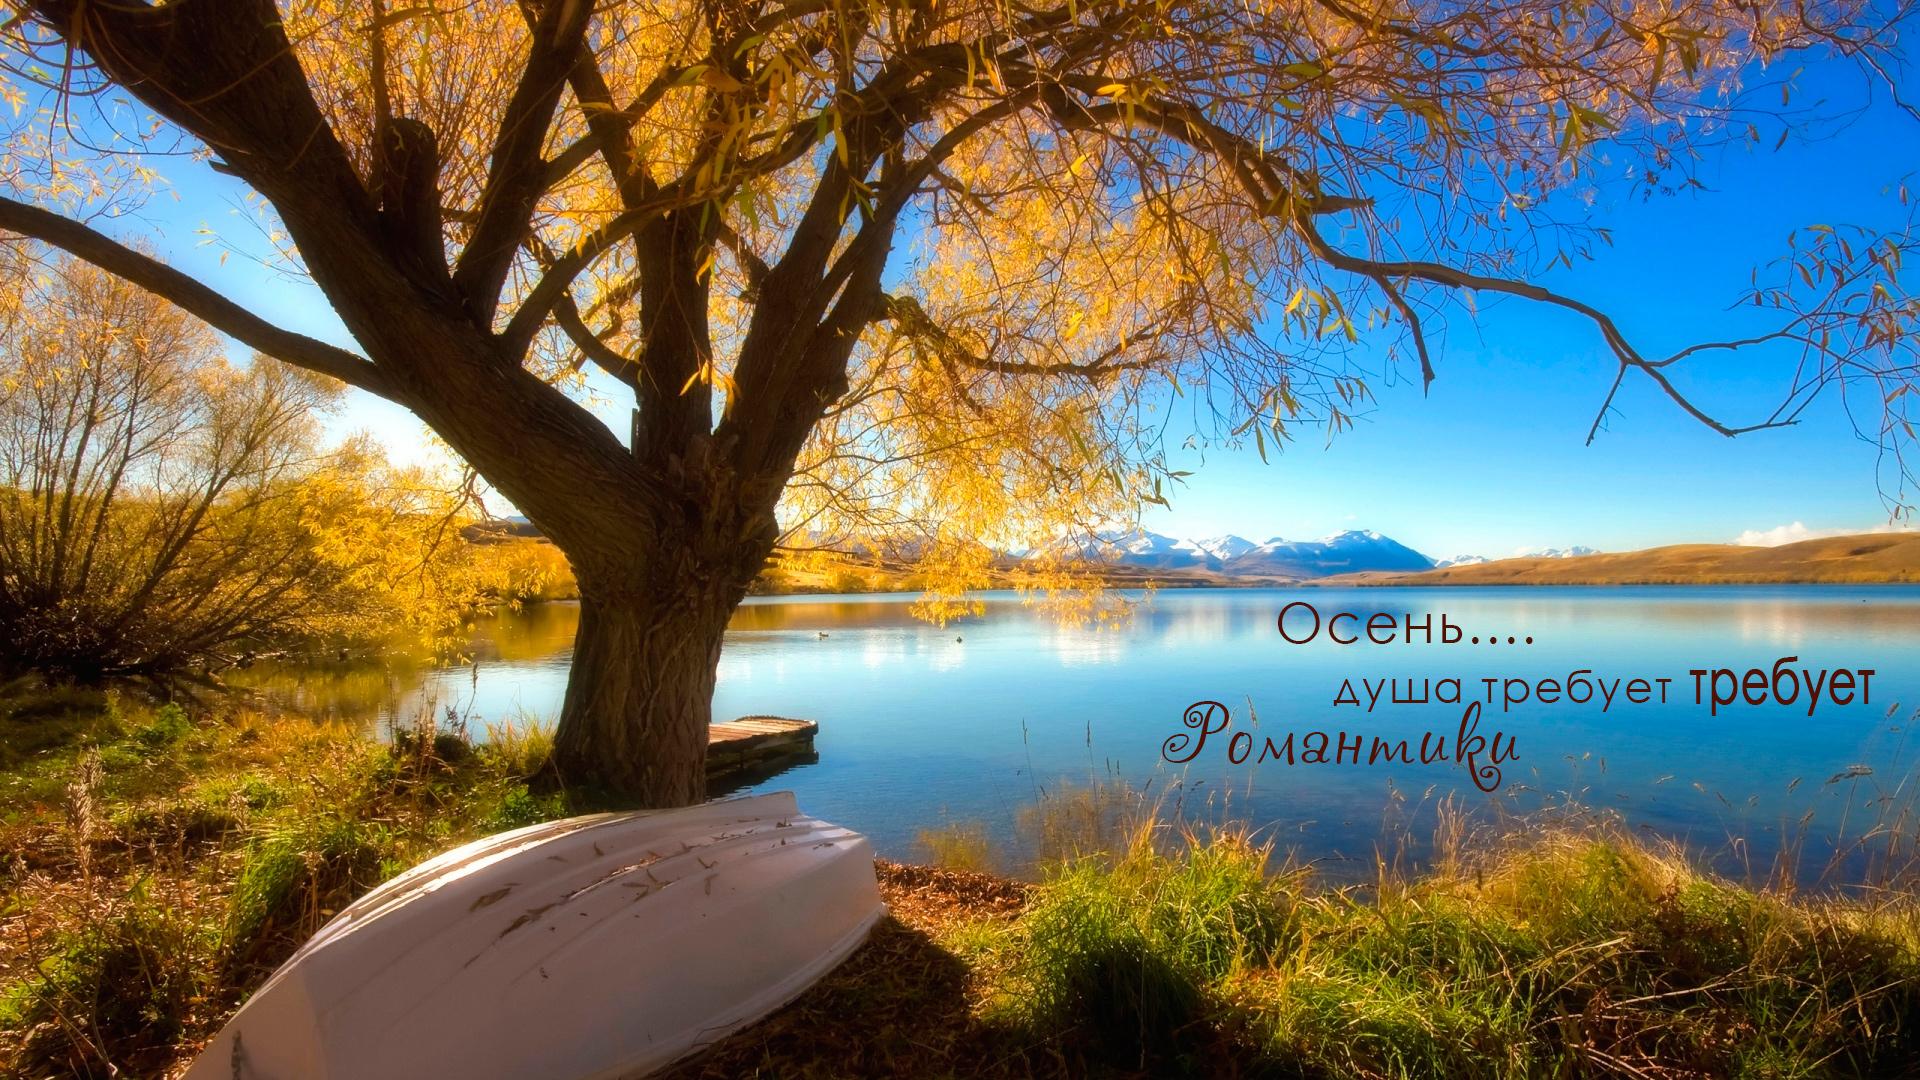 осенний пейзаж - душа требует романтики